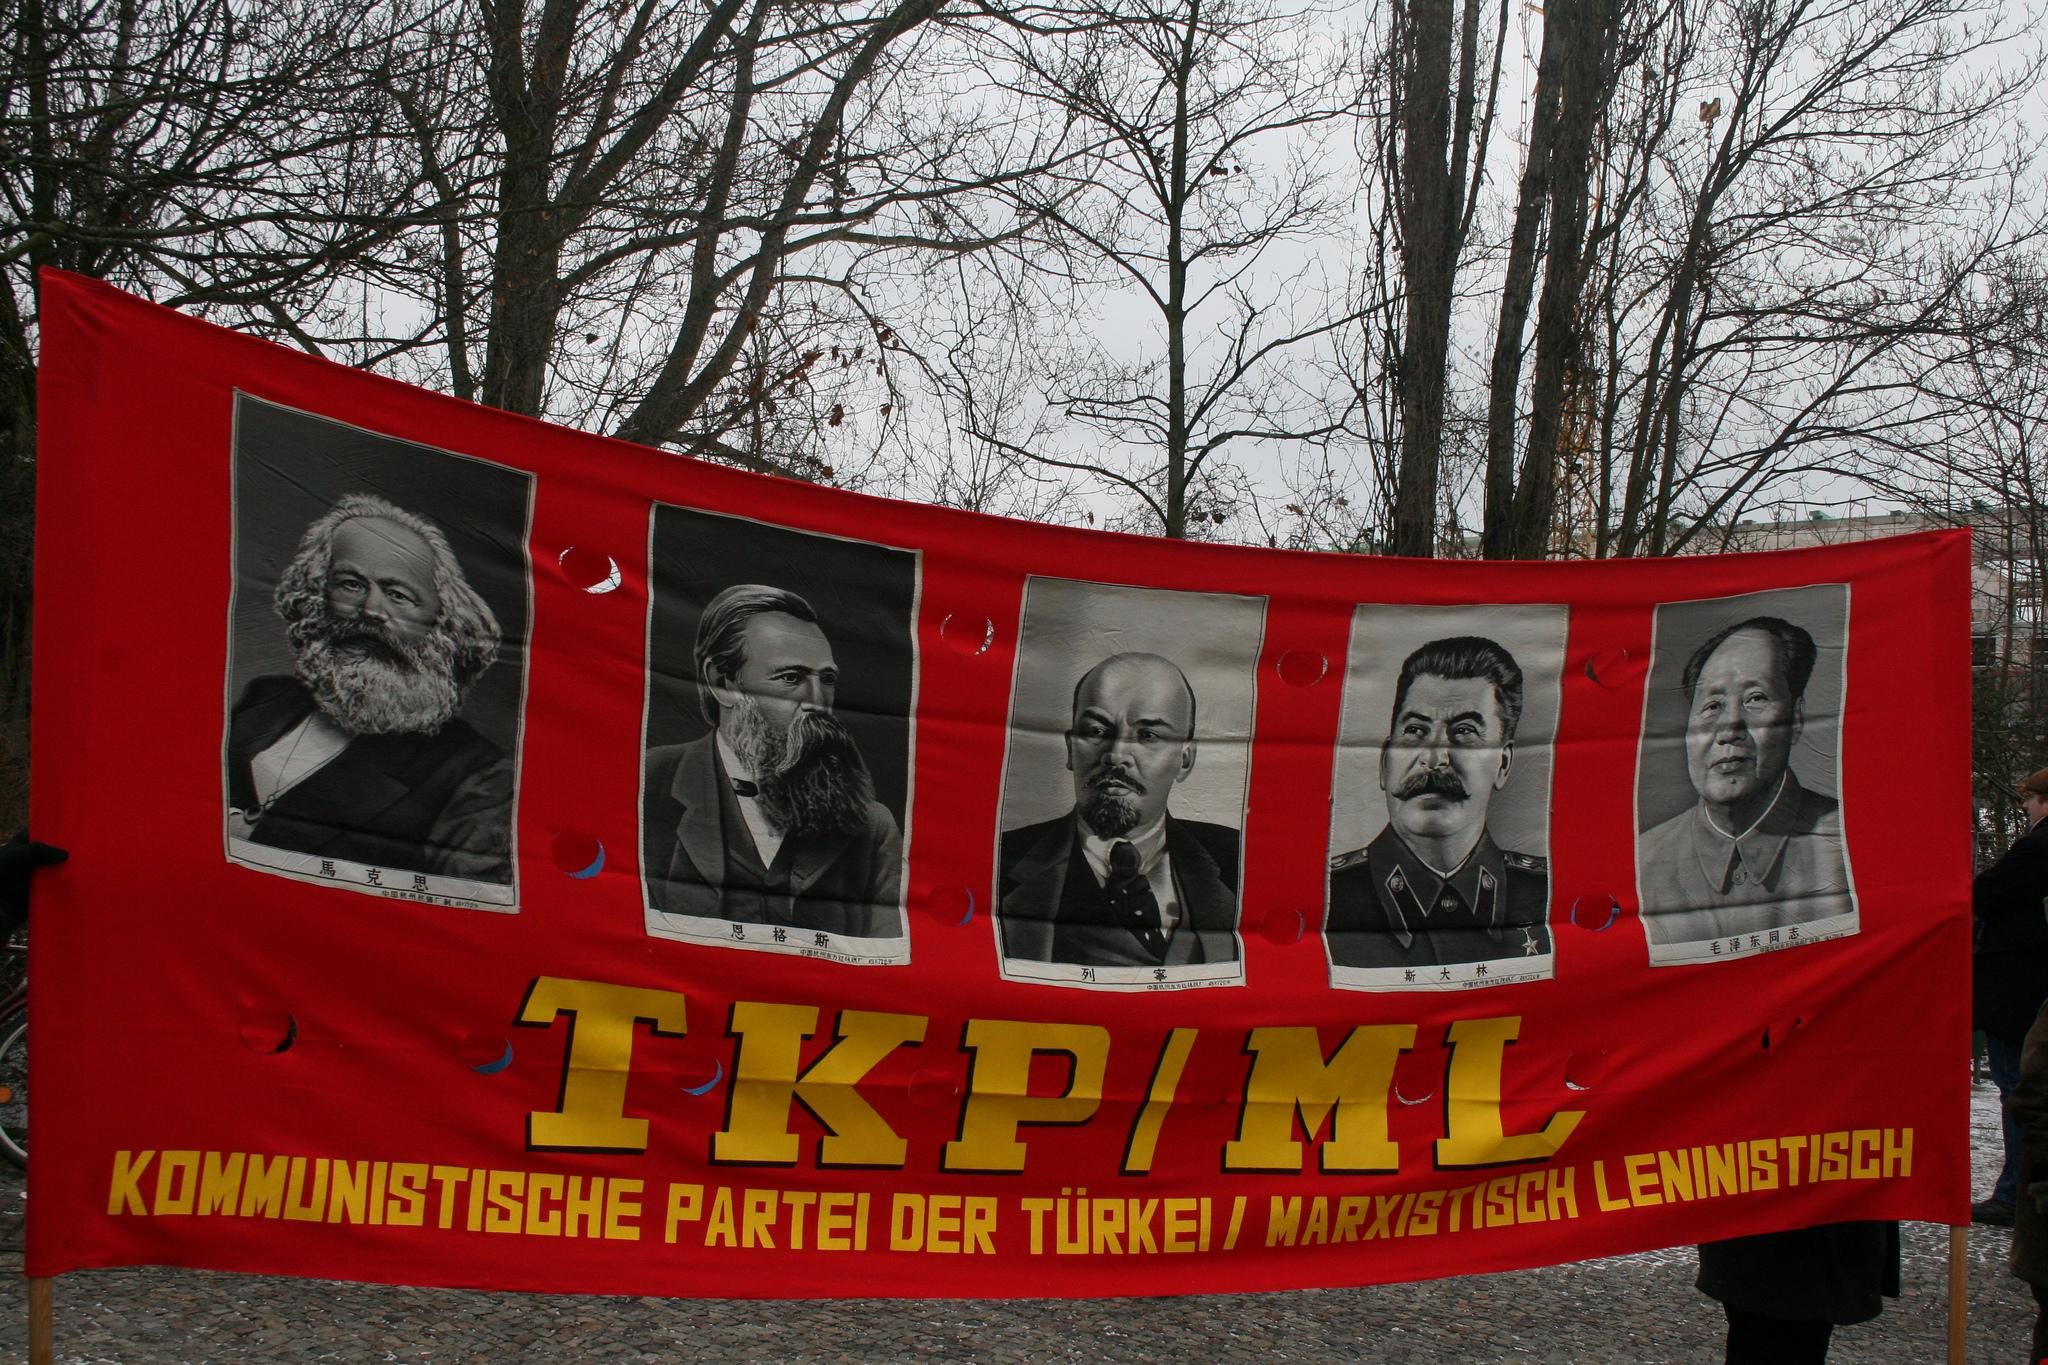 Der Stalin des Anstoßes. Bild: dielinkebw